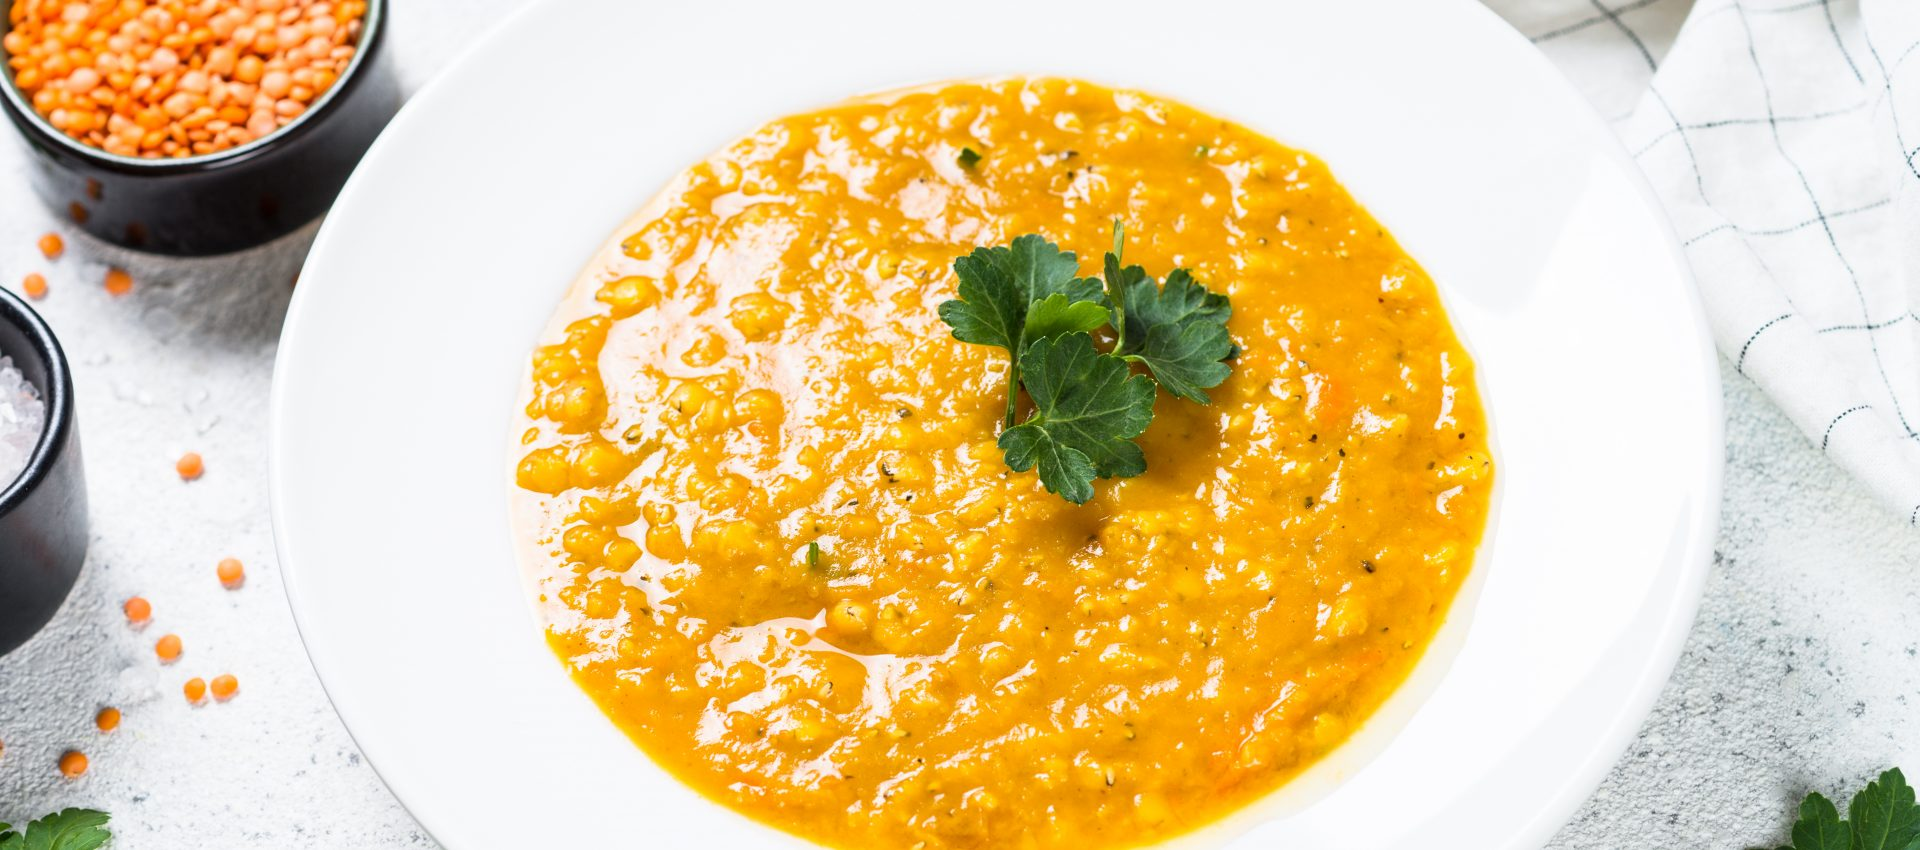 Soupe de lentilles Corail au curry au cookeo